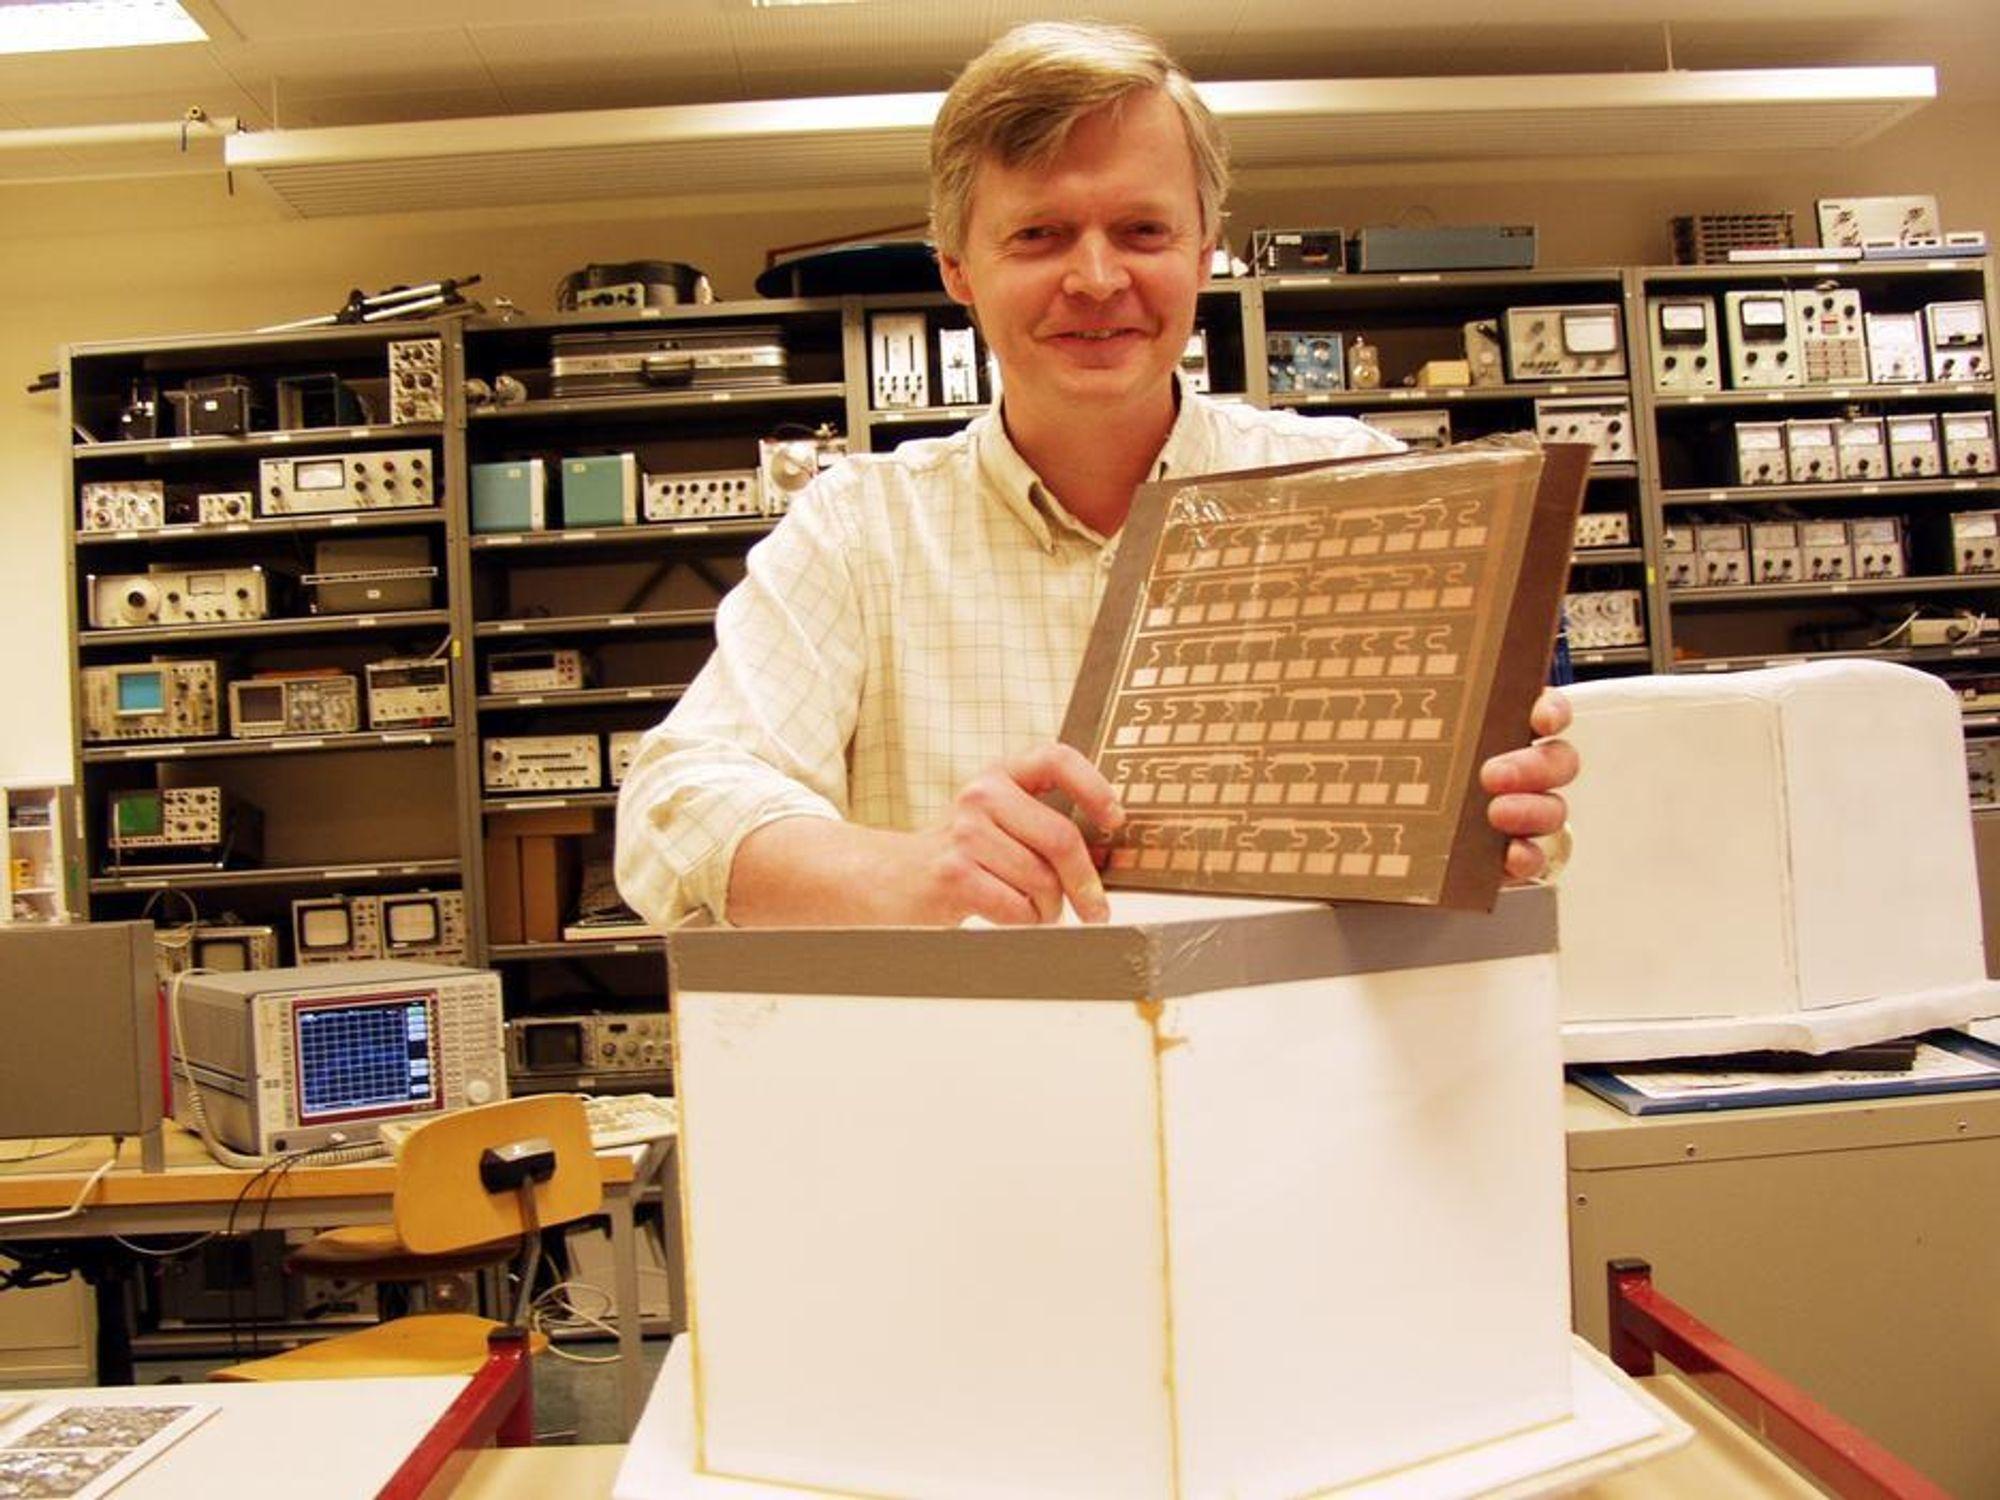 EKSEMPEL Førstelektor Arne Bjørk ved Høgskolen i Narvik er i ferd med å utvikle en ny type radar som skal være vesentlig bedre enn dagens sivile radarer.